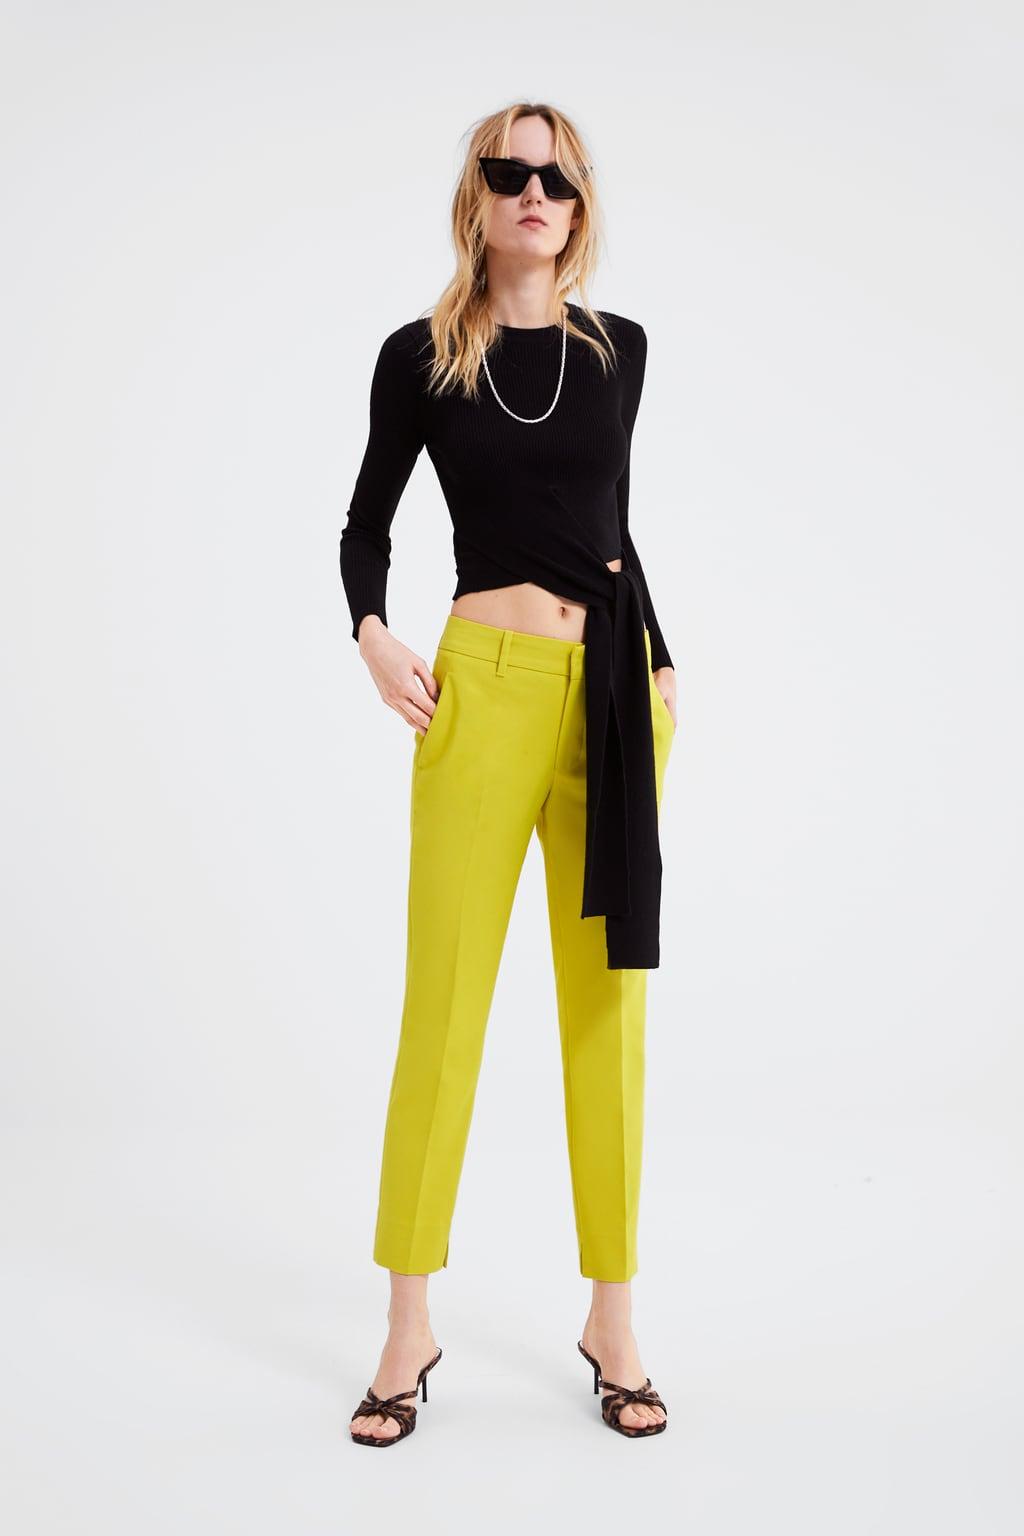 Модель в зеленых брюках и черном топе